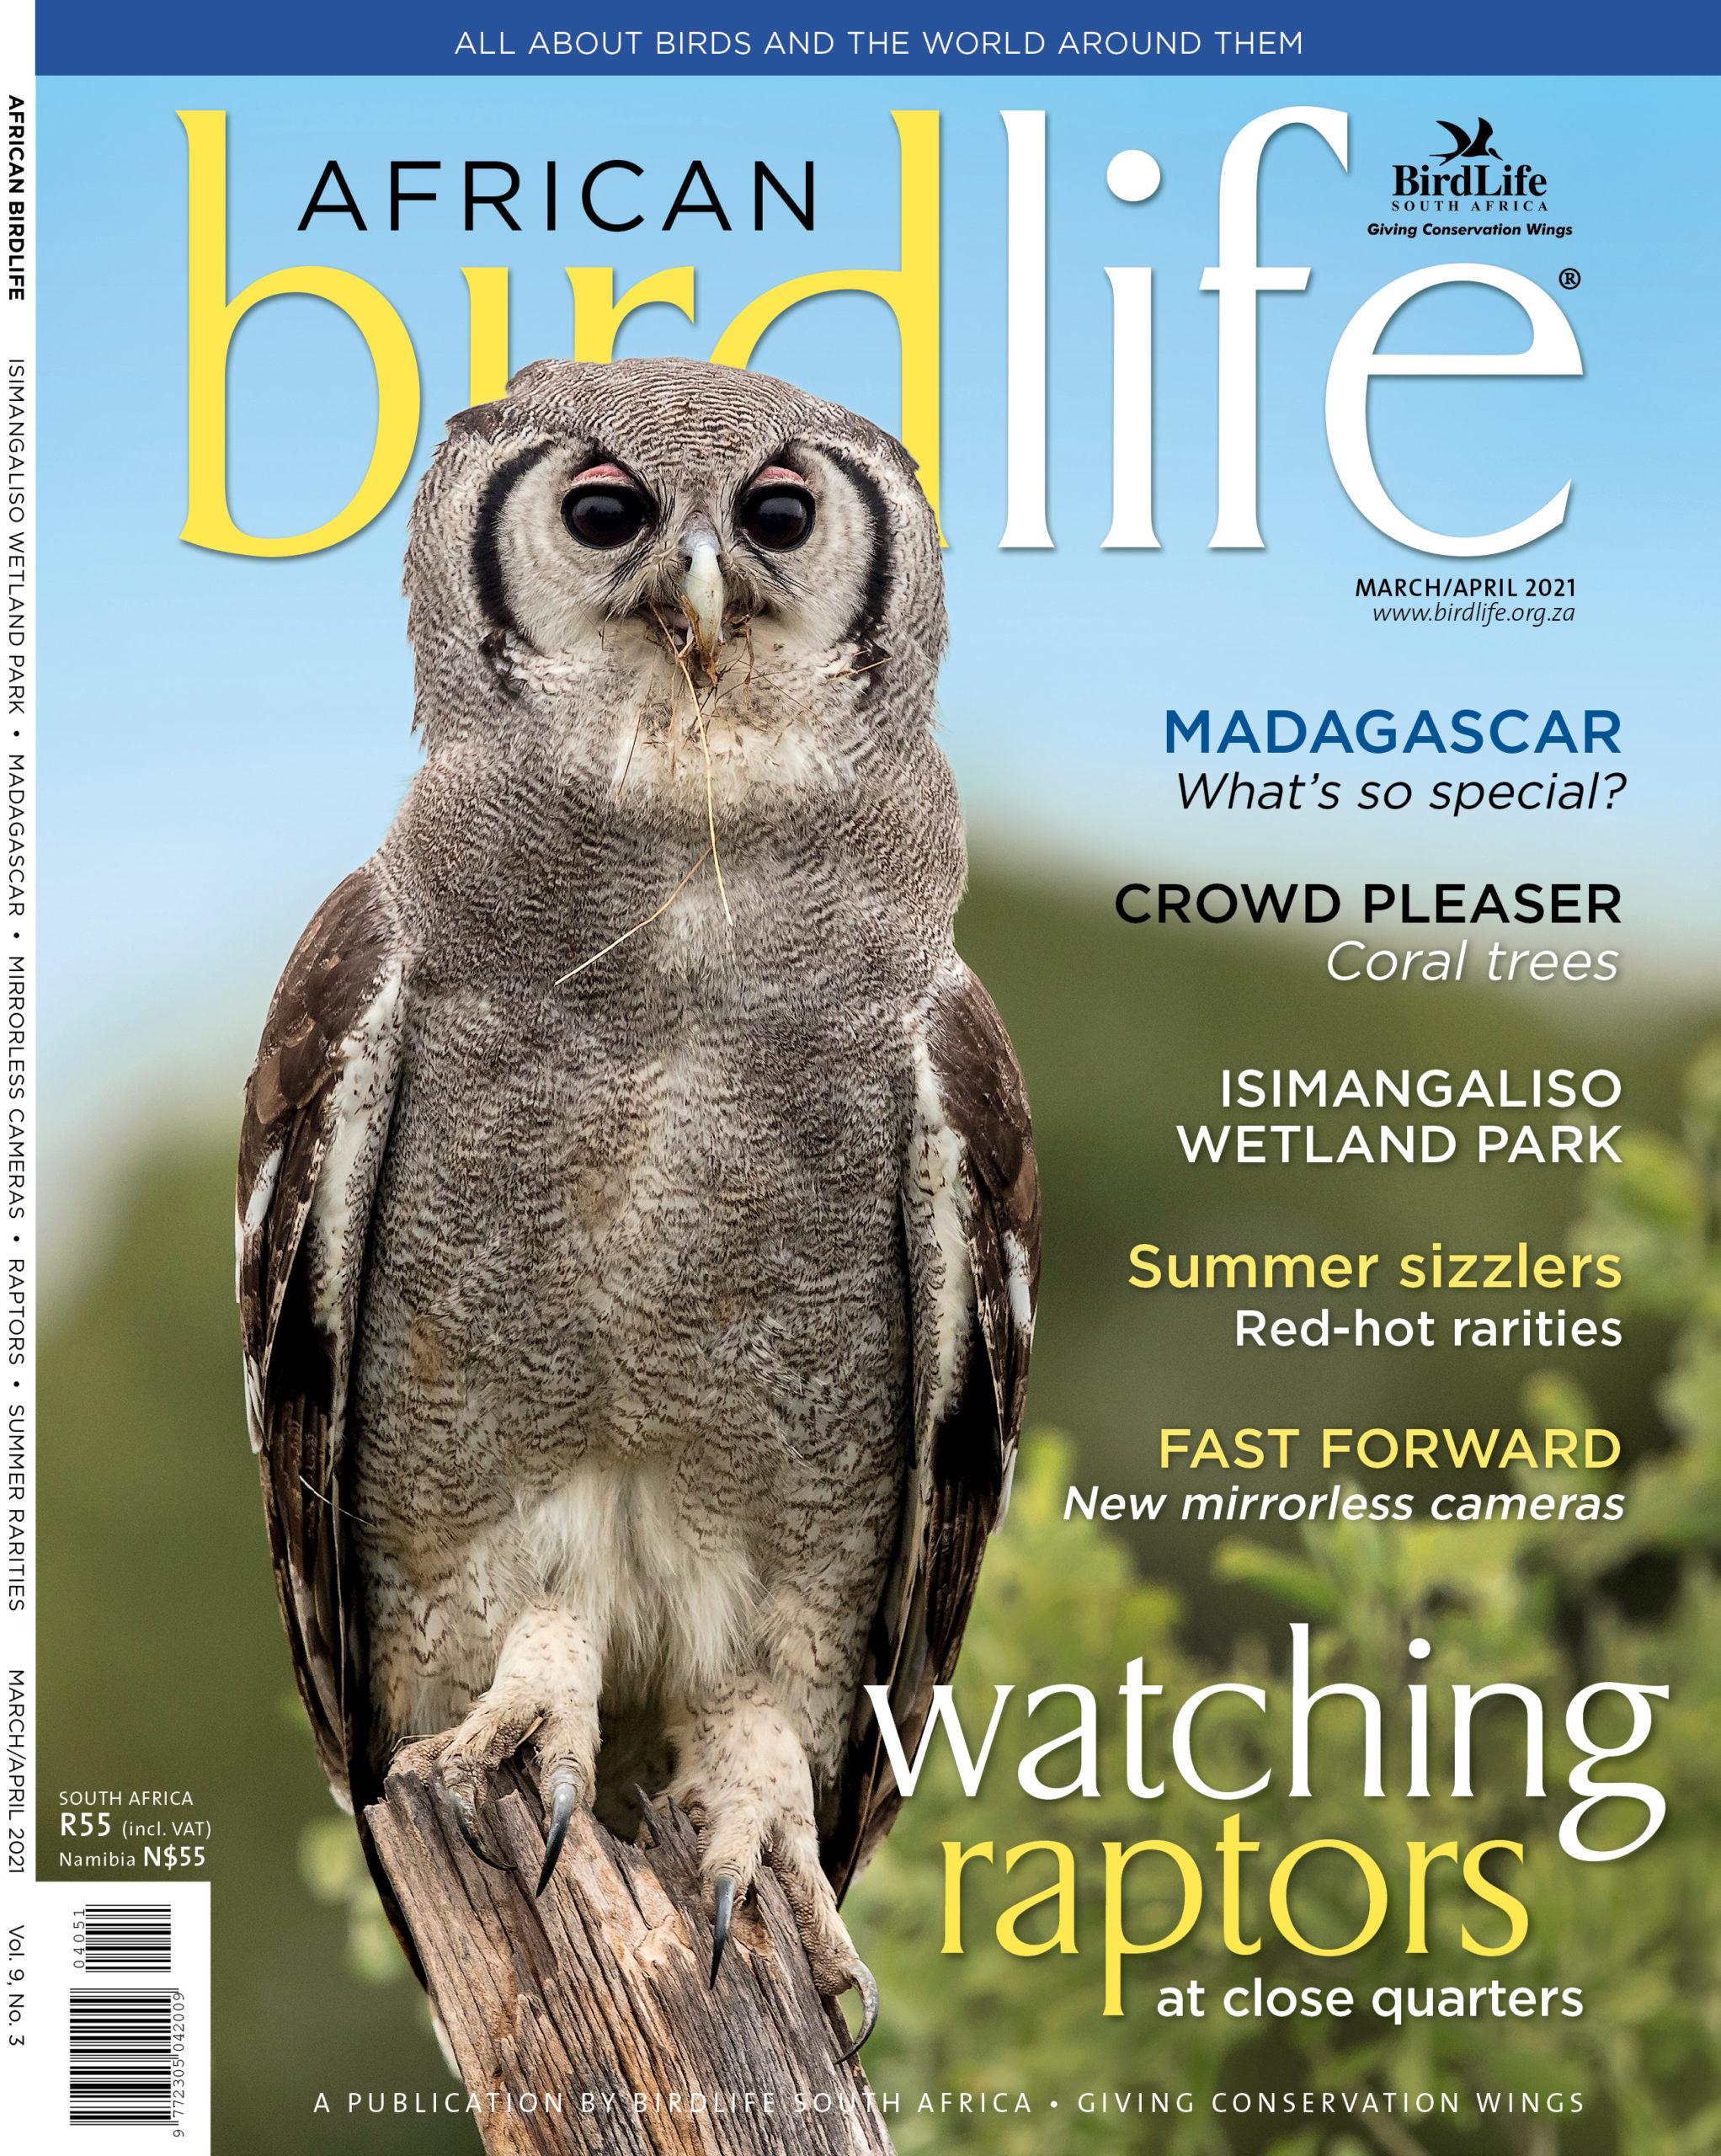 African Birdlife Mar / Apr 2021